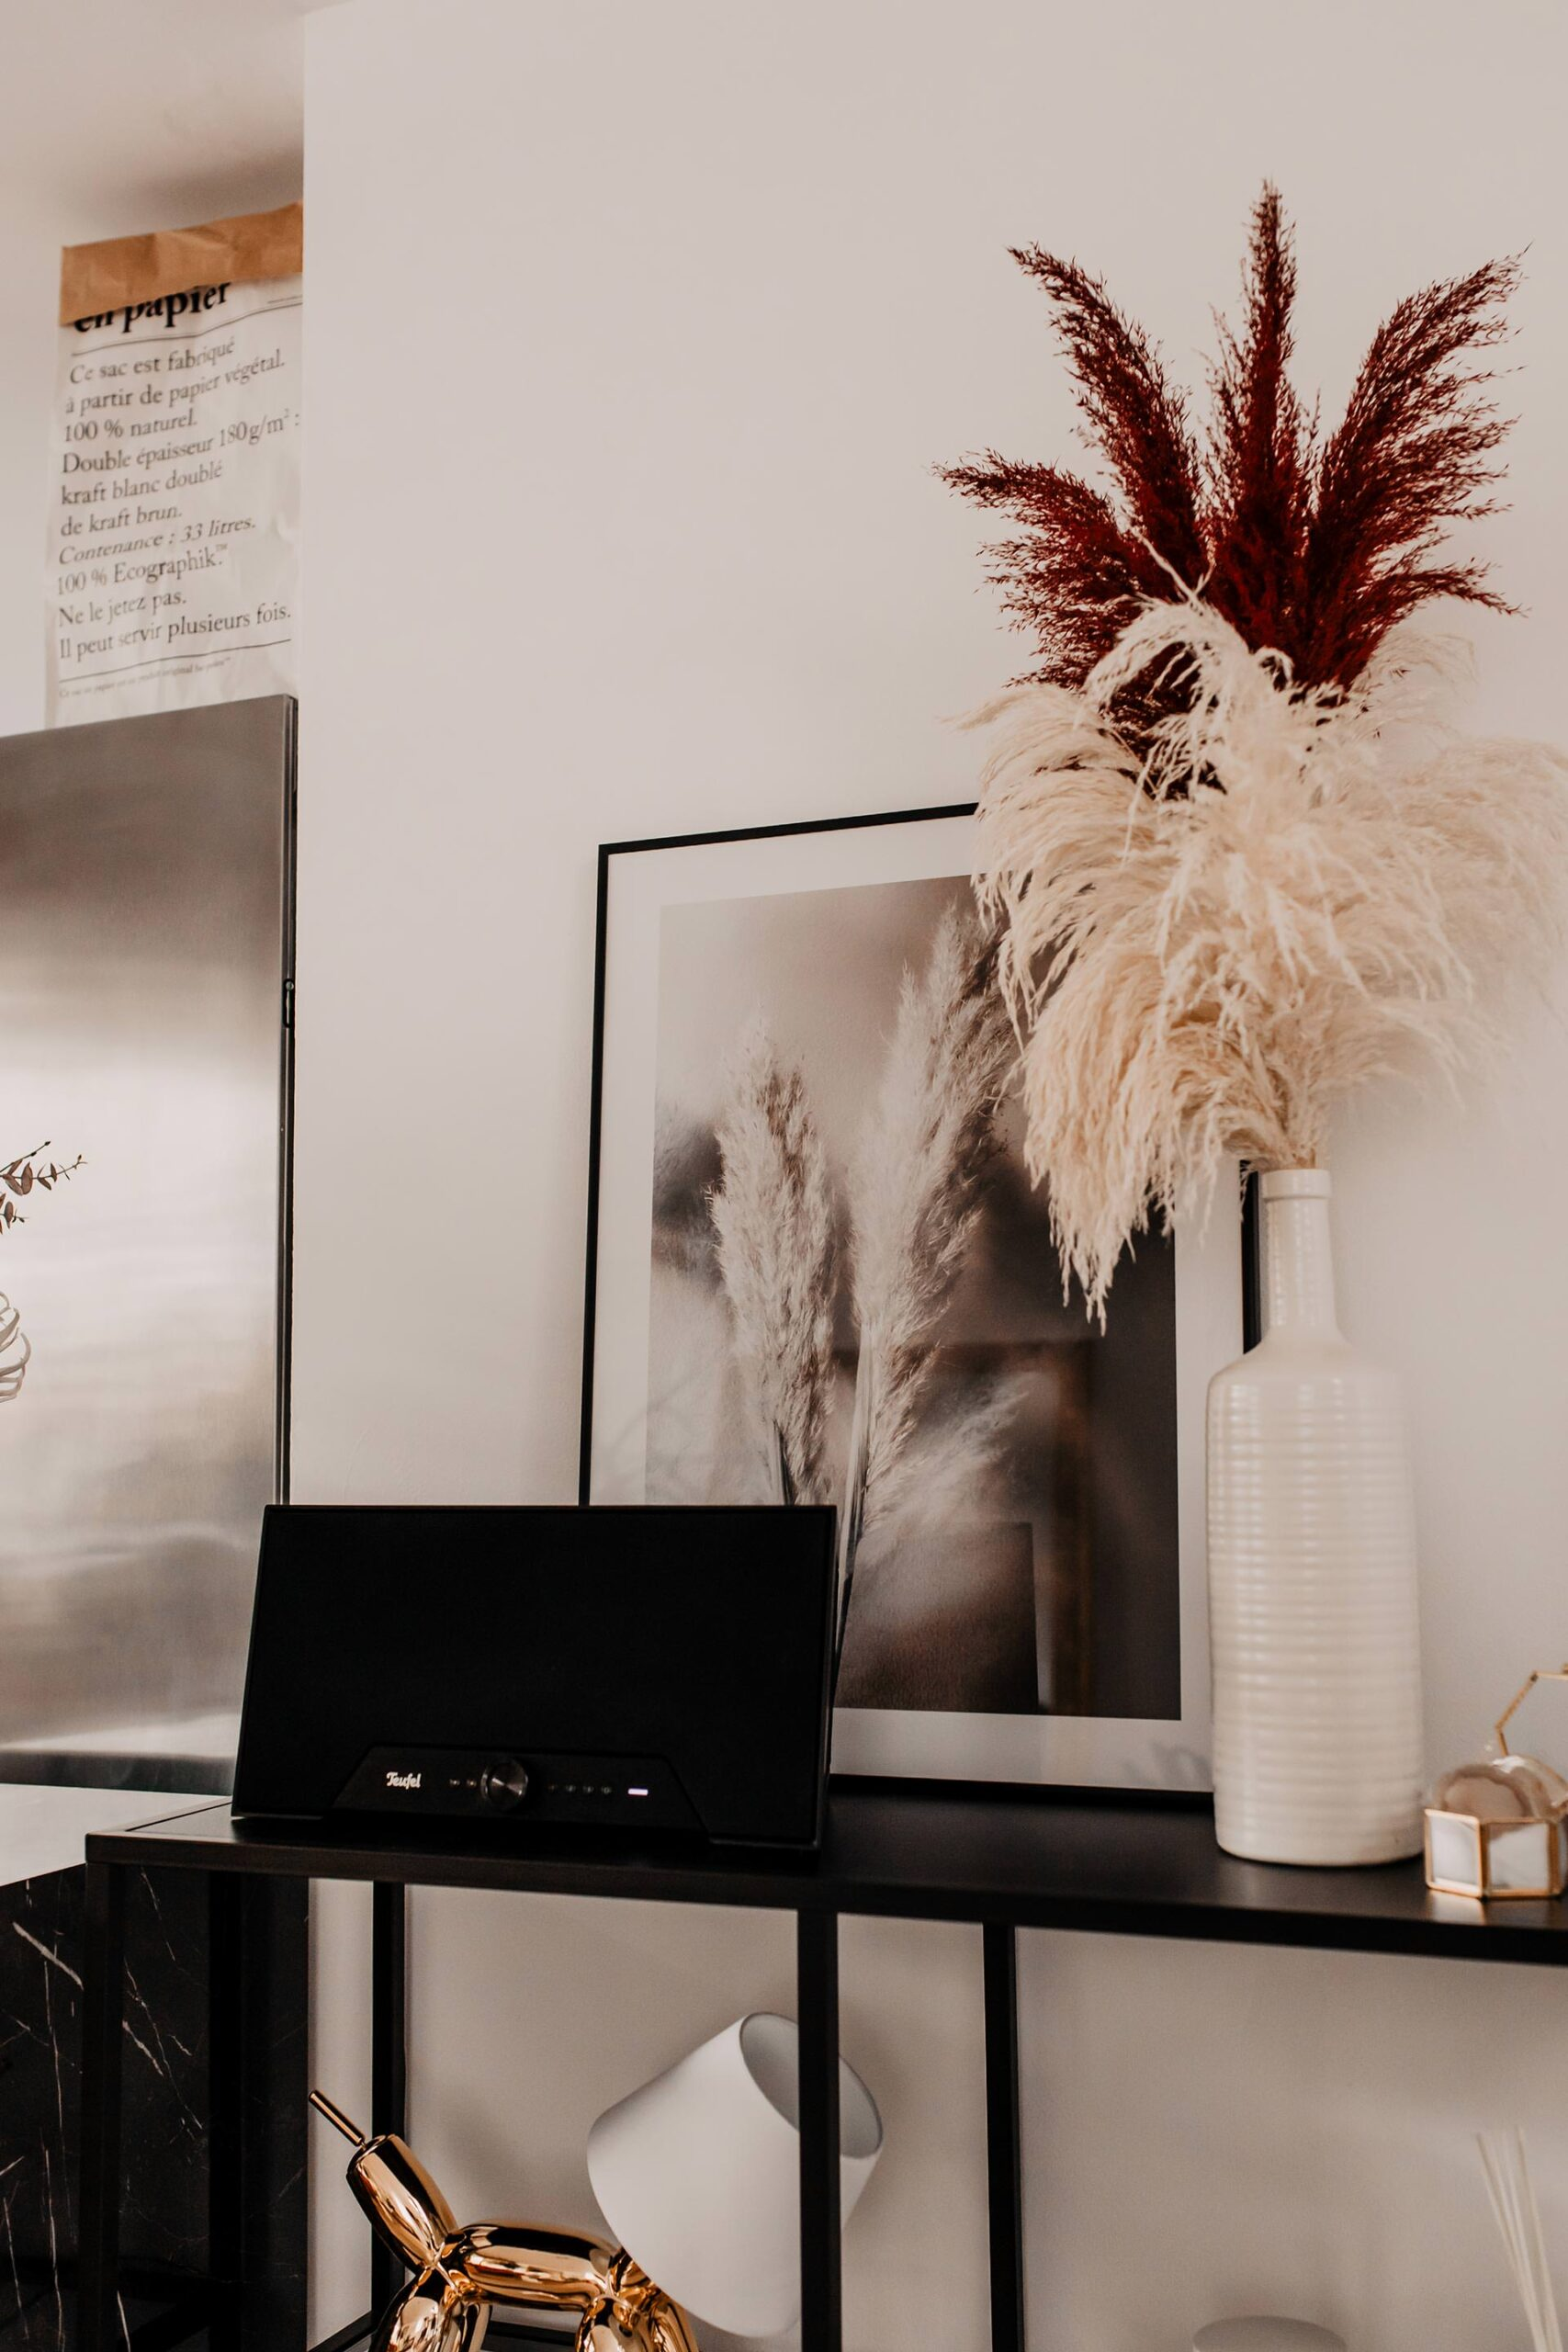 Full Size of Wandgestaltung Küche Mit Bildern Meine Ideen Fr Kche Und Wohnzimmer Rolladenschrank Holzbrett Eckschrank Günstig Elektrogeräten Tapeten Für Selbst Wohnzimmer Wandgestaltung Küche